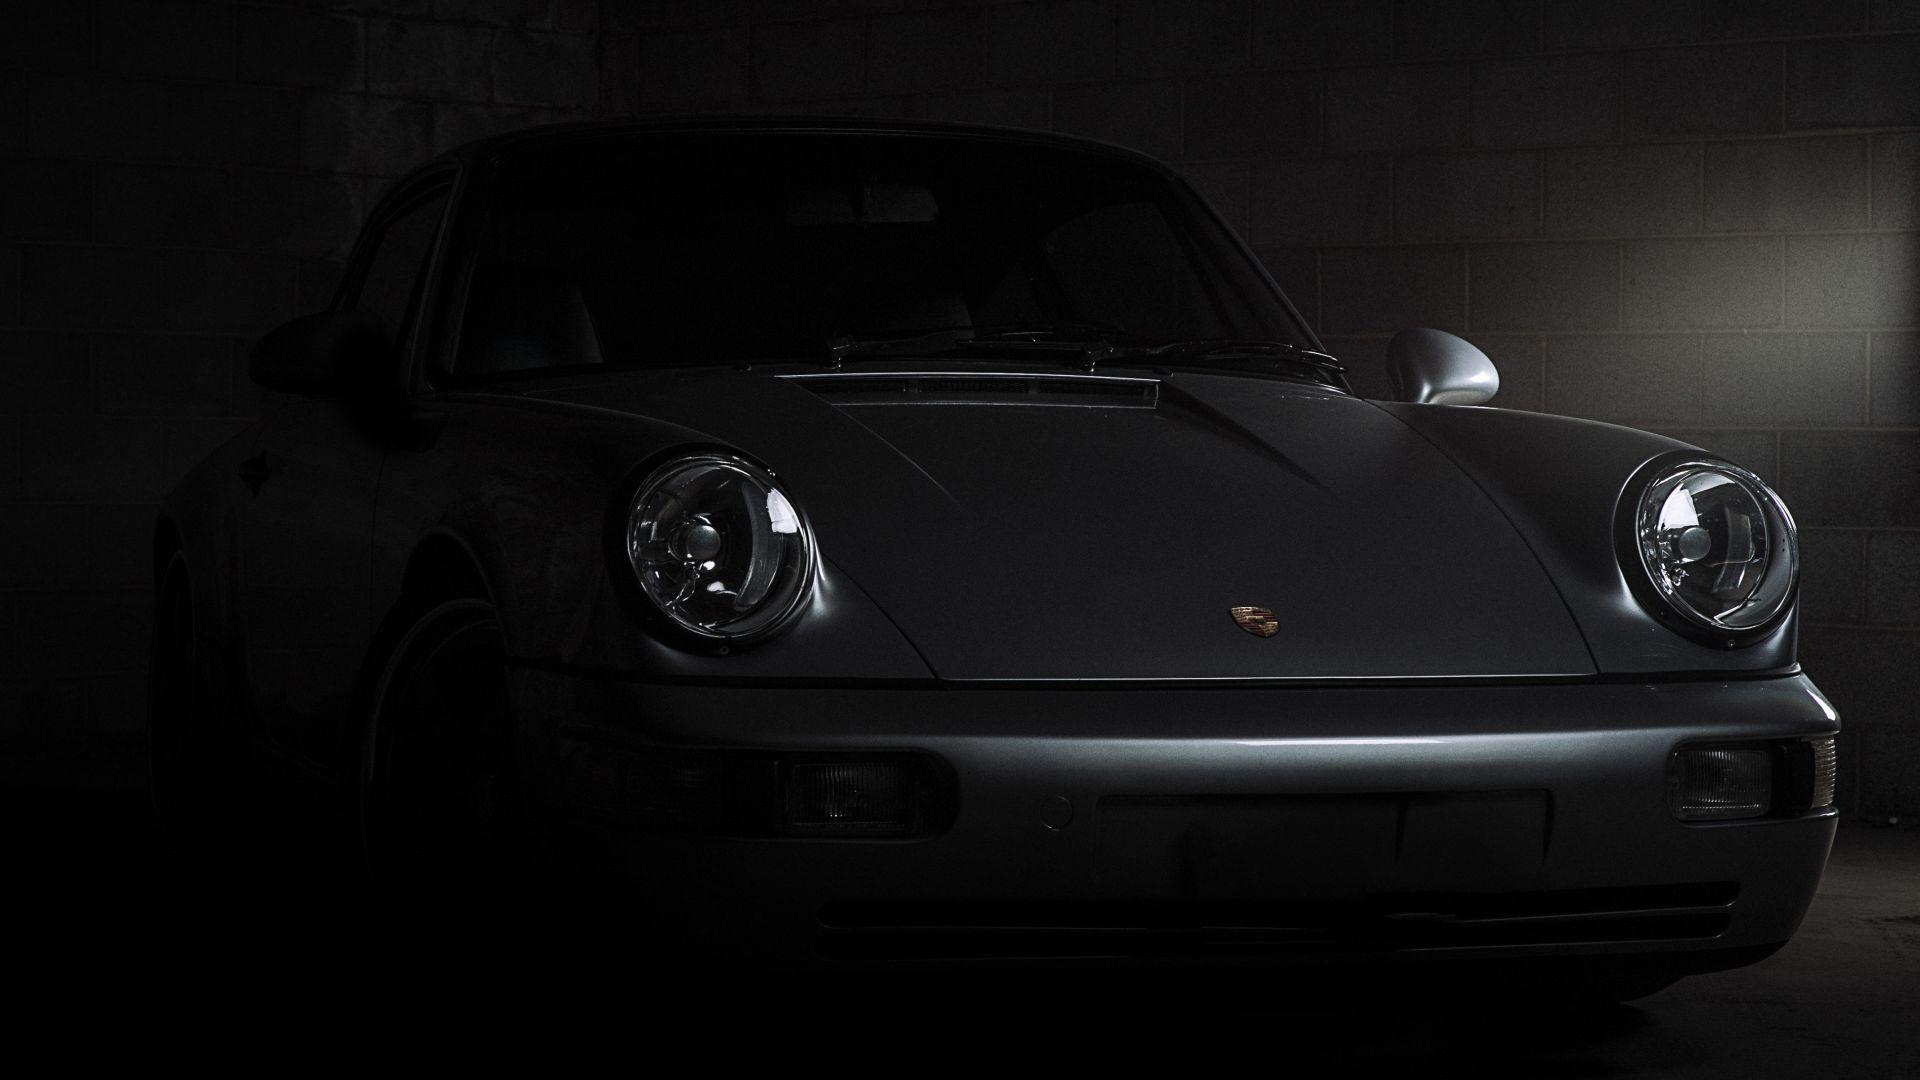 Porsche 911 Carrera, Headlight, Front, 4k Wallpaper